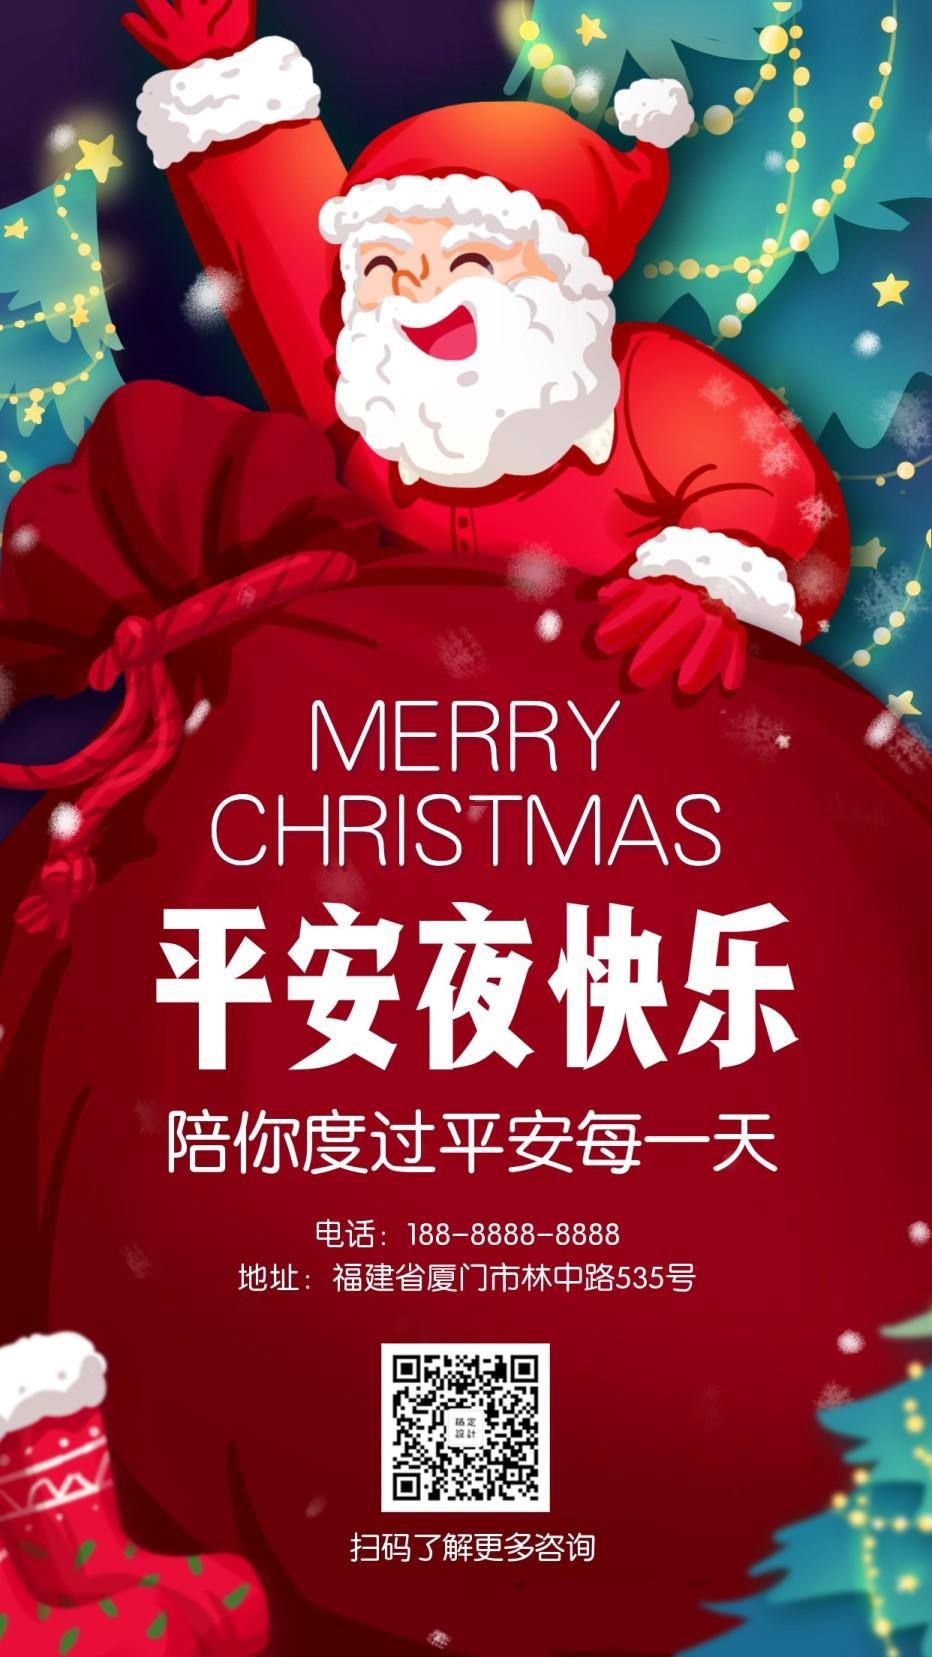 圣诞节/平安夜活动/插画/手机海报